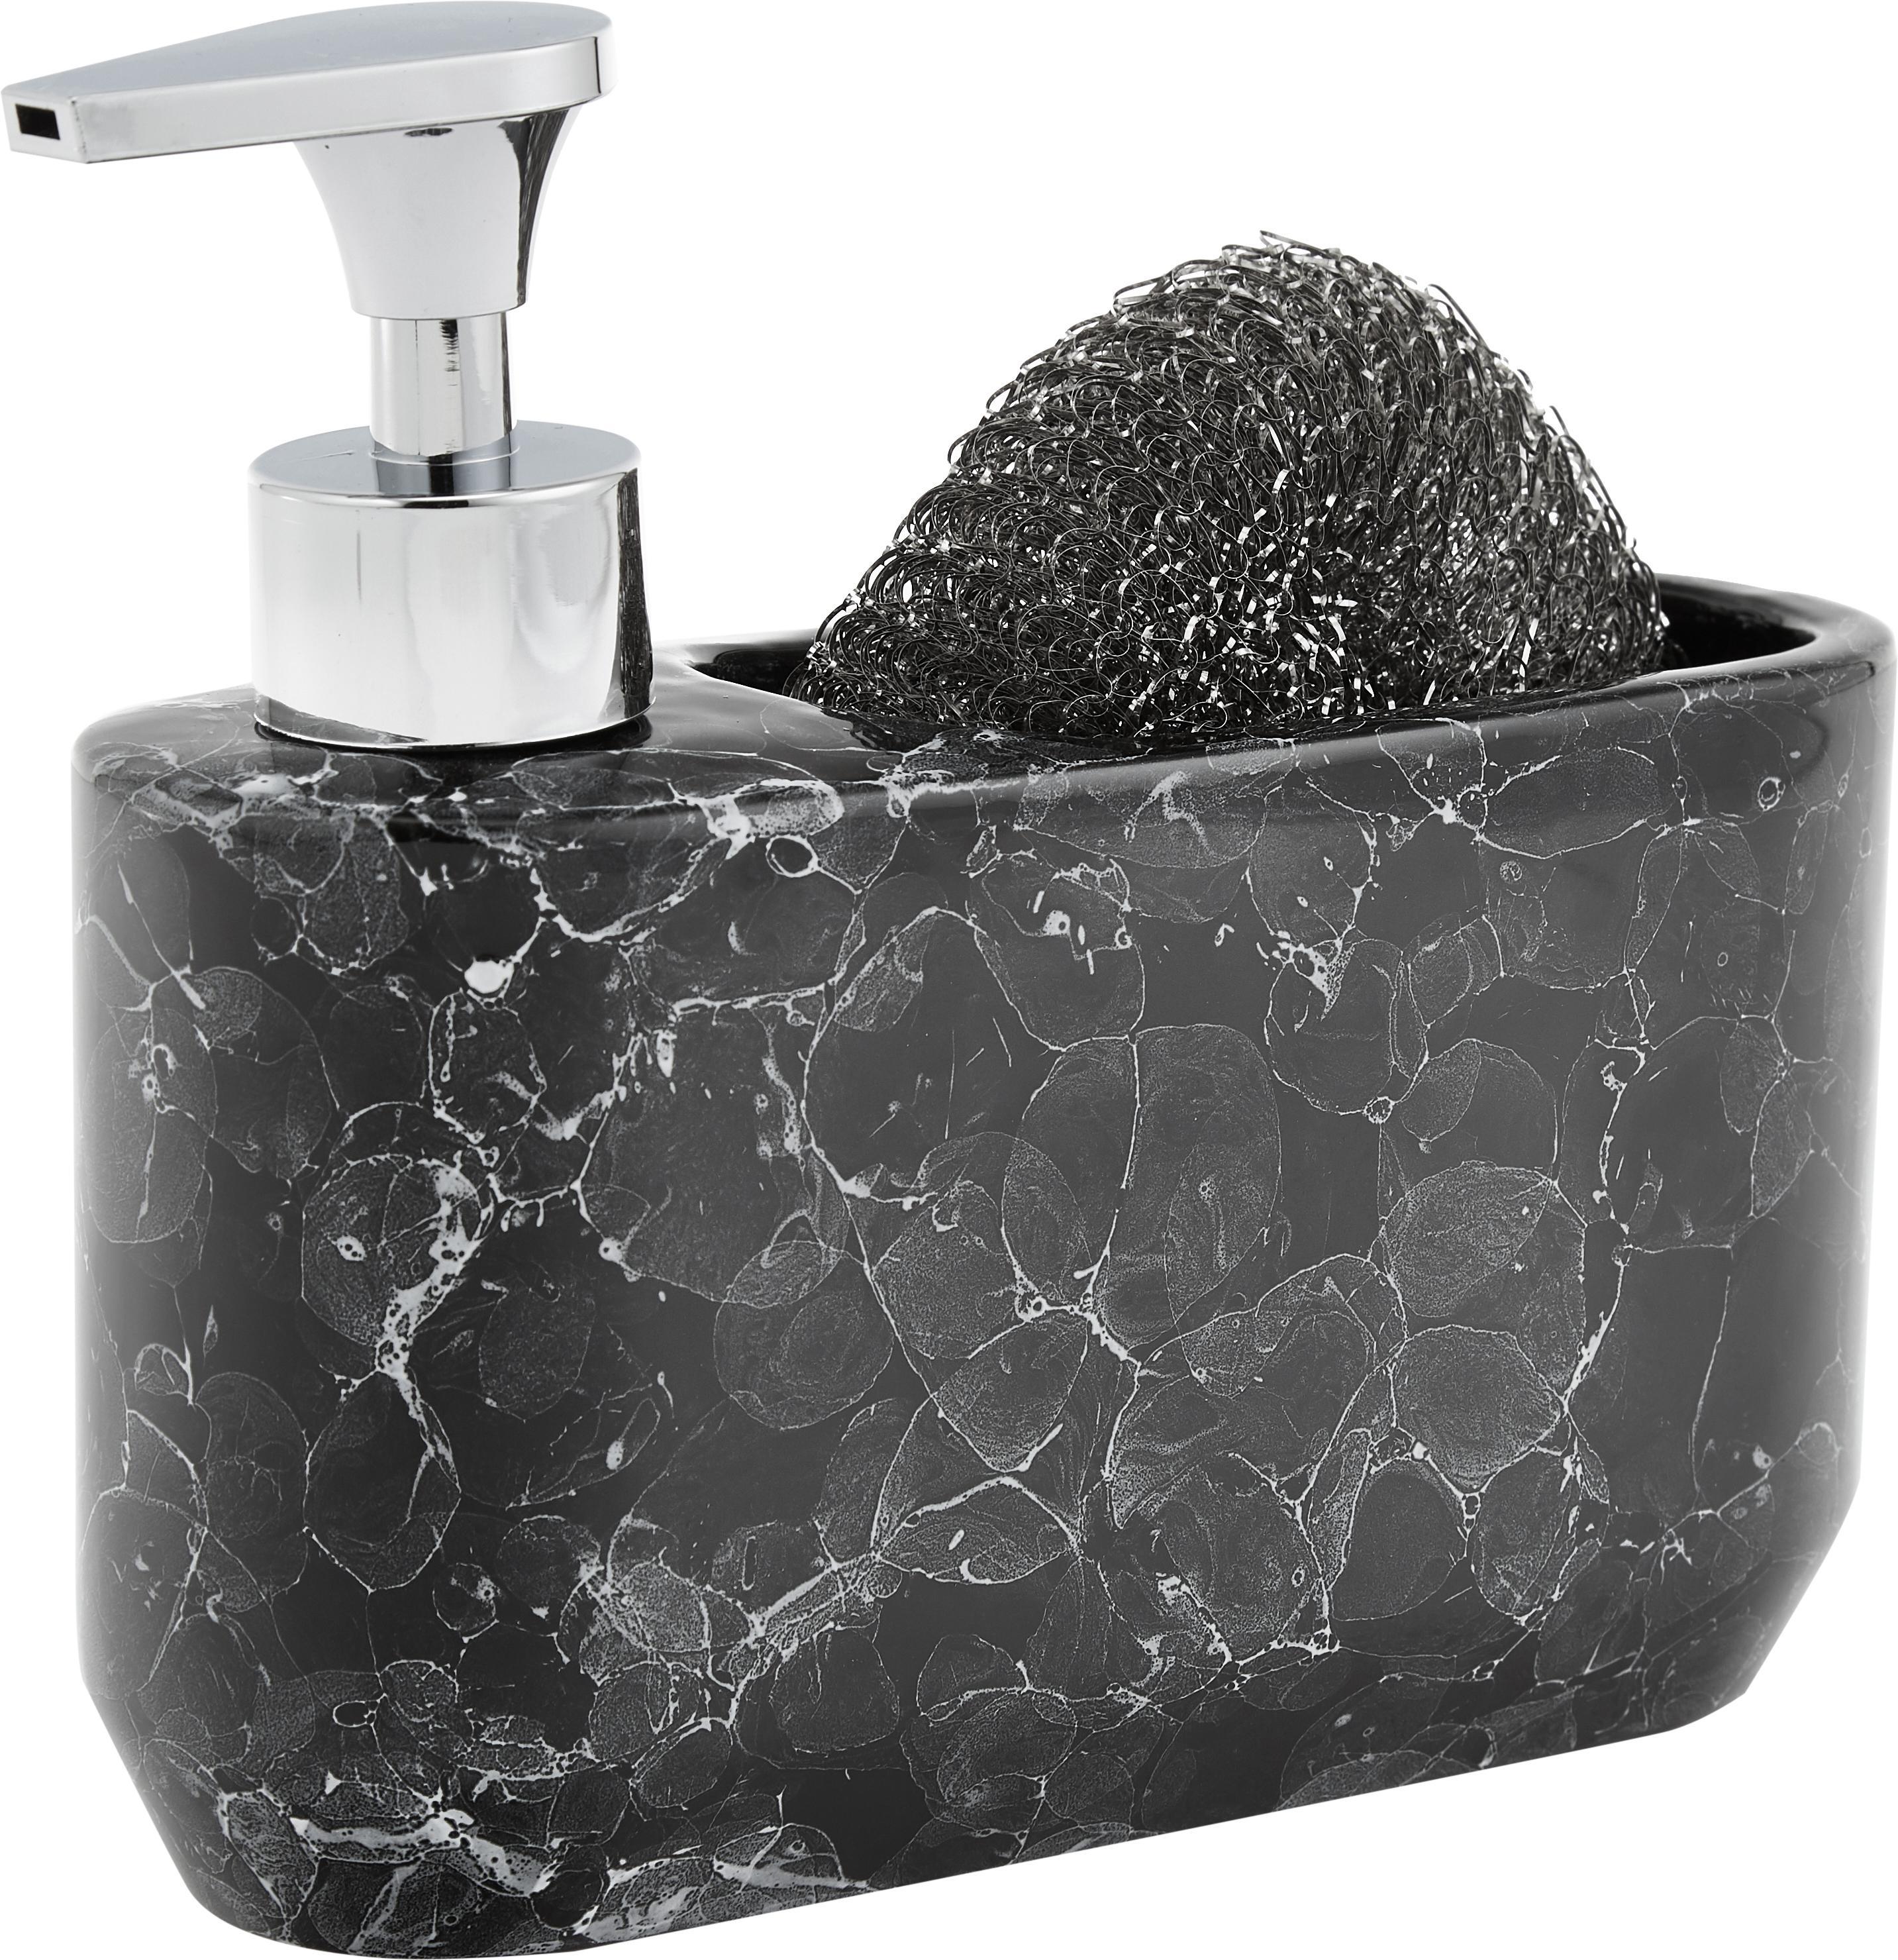 Set dosatore di sapone Bubble 2 pz, Contenitore: ceramica, Testa della pompa: materiale sintetico, Nero, argento, Larg. 19 x Alt. 16 cm